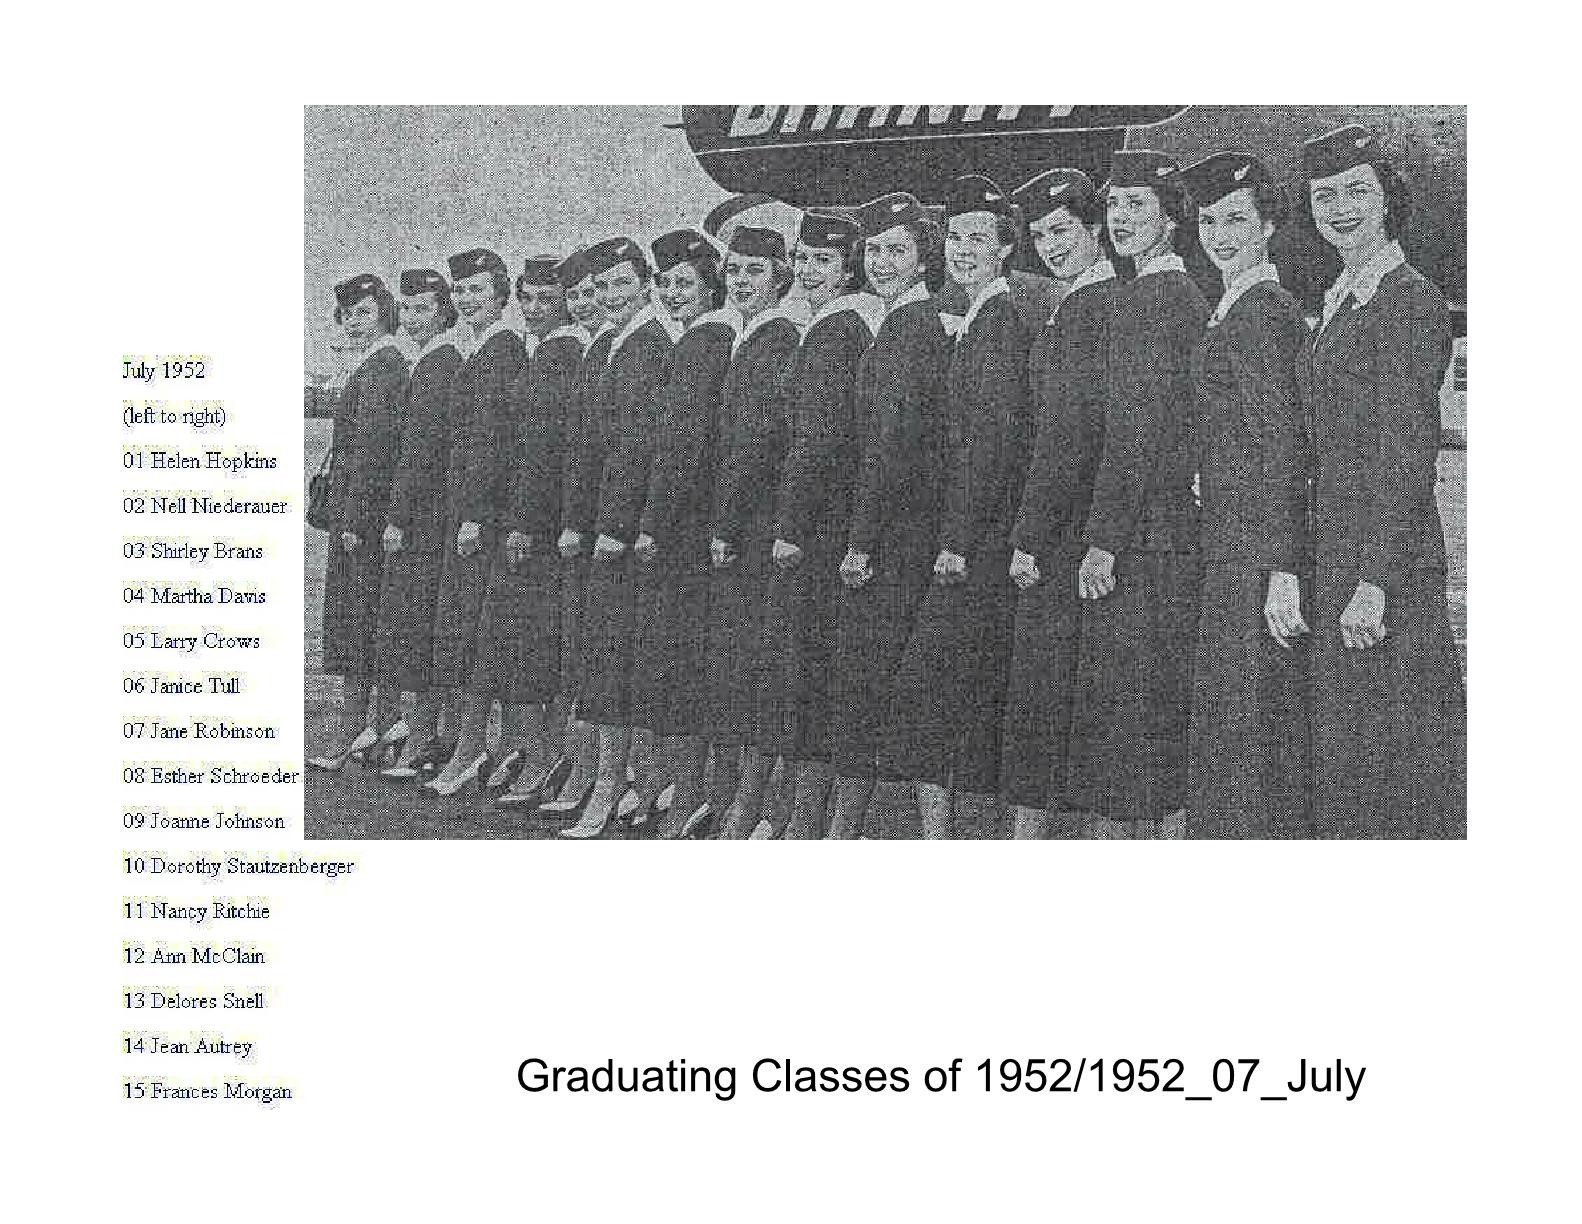 1950s classes